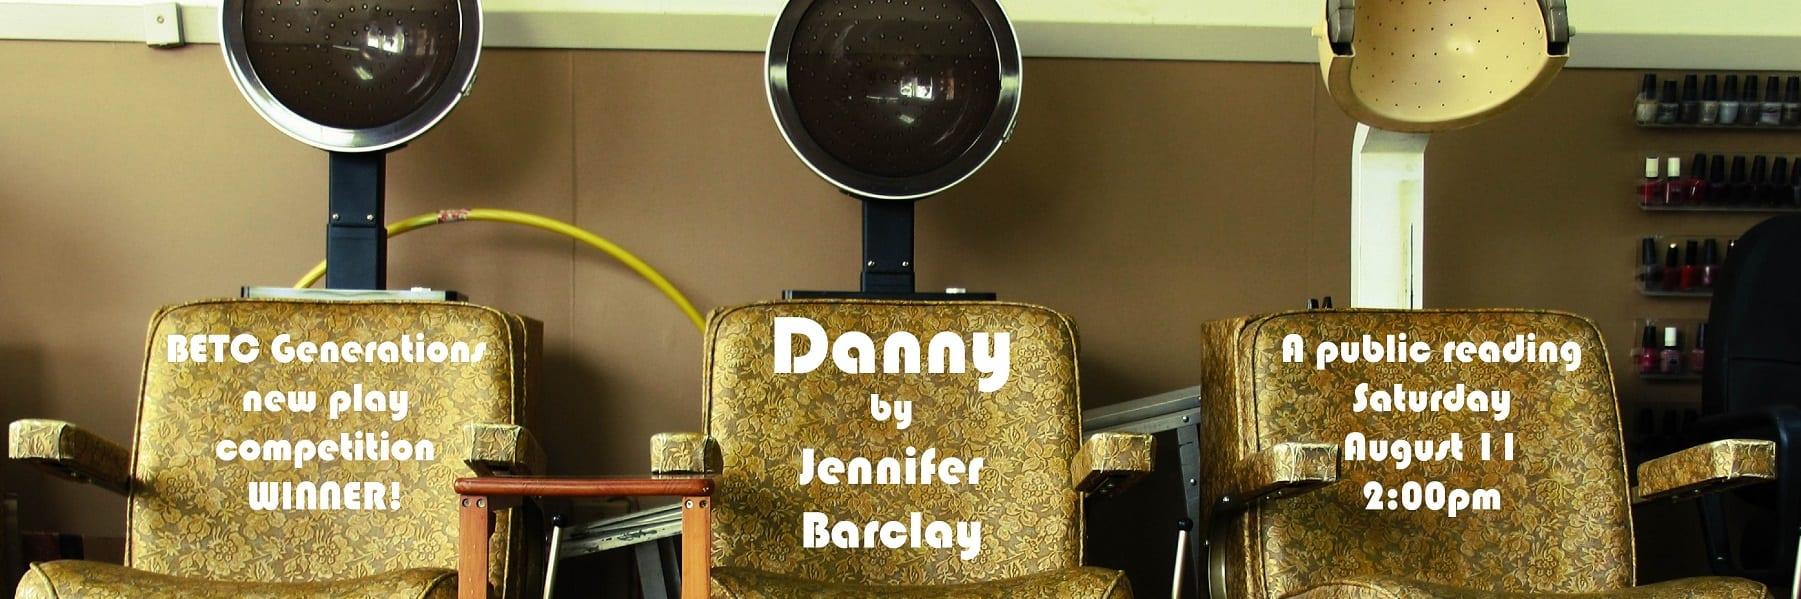 Danny by Jennifer Barclay